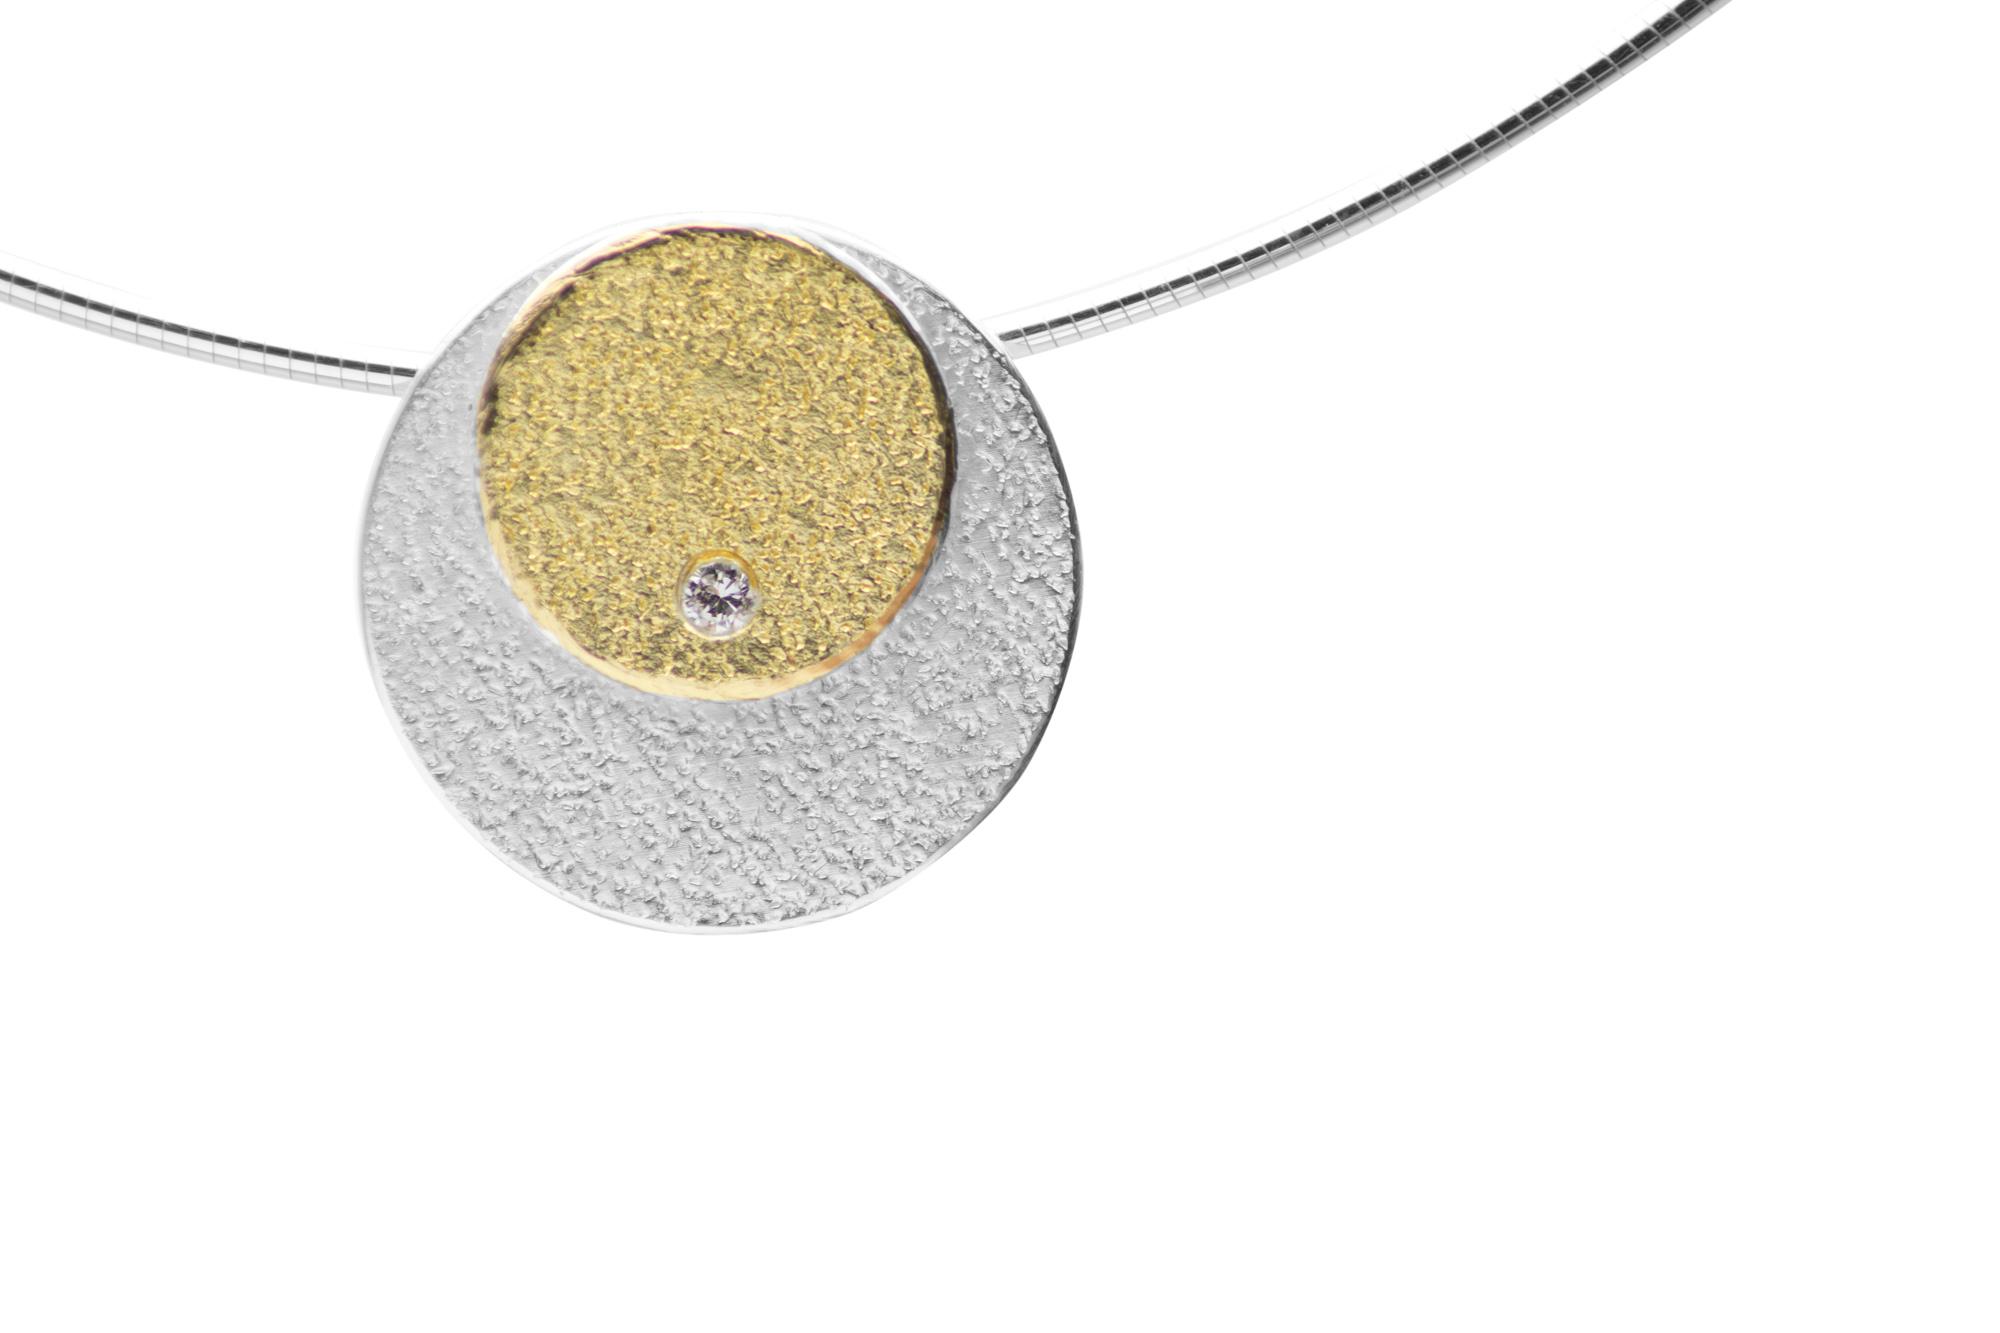 Anhänger, Gelbgold, Silber, Brillant 320€